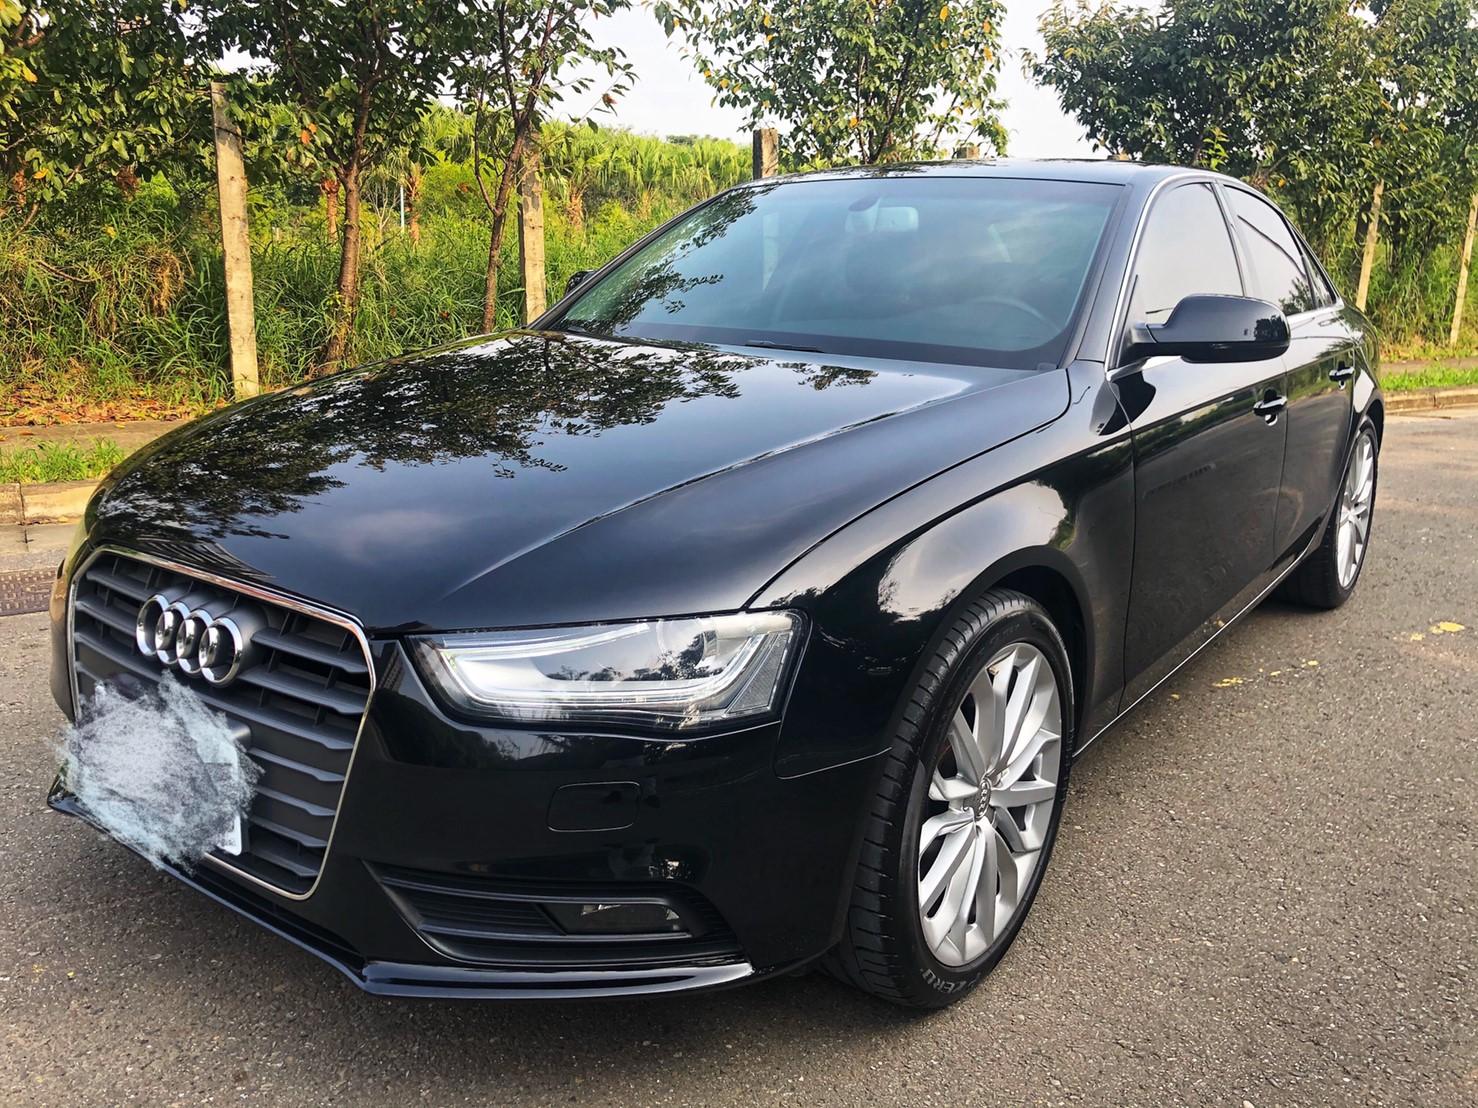 2013 Audi 奧迪 A4 sedan